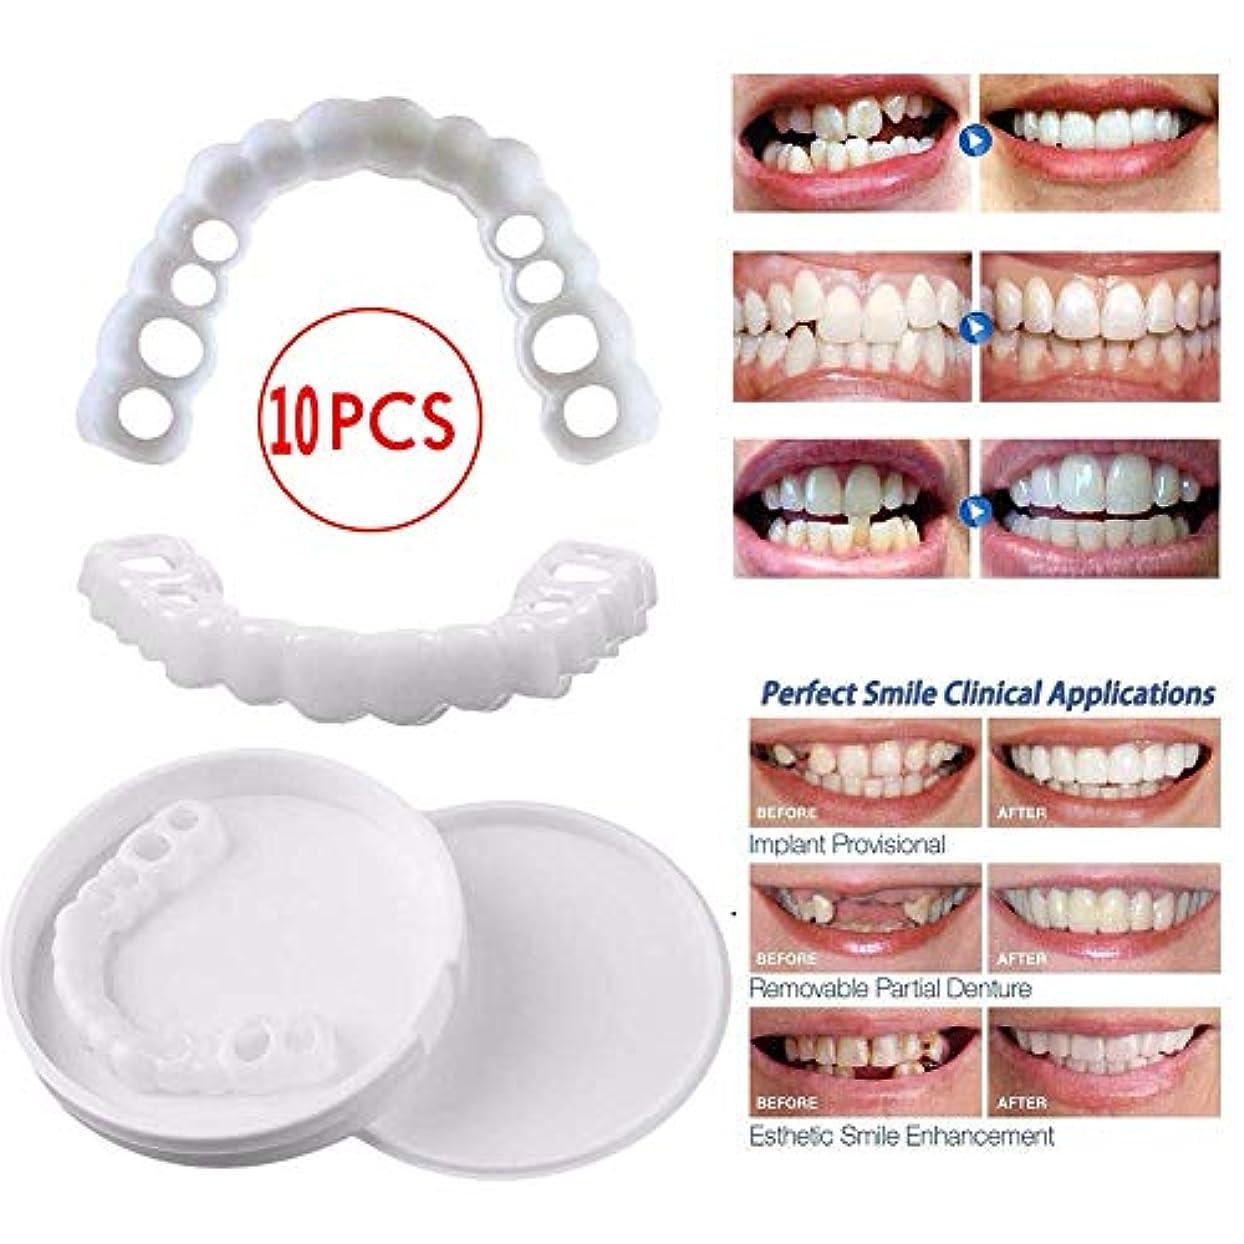 取得朝ごはんインカ帝国10個の一時的な歯のホワイトニング、歯の一時的な化粧品の歯の義歯歯の化粧品の収納ボックス付き偽の歯カバー,10pcsupperteeth